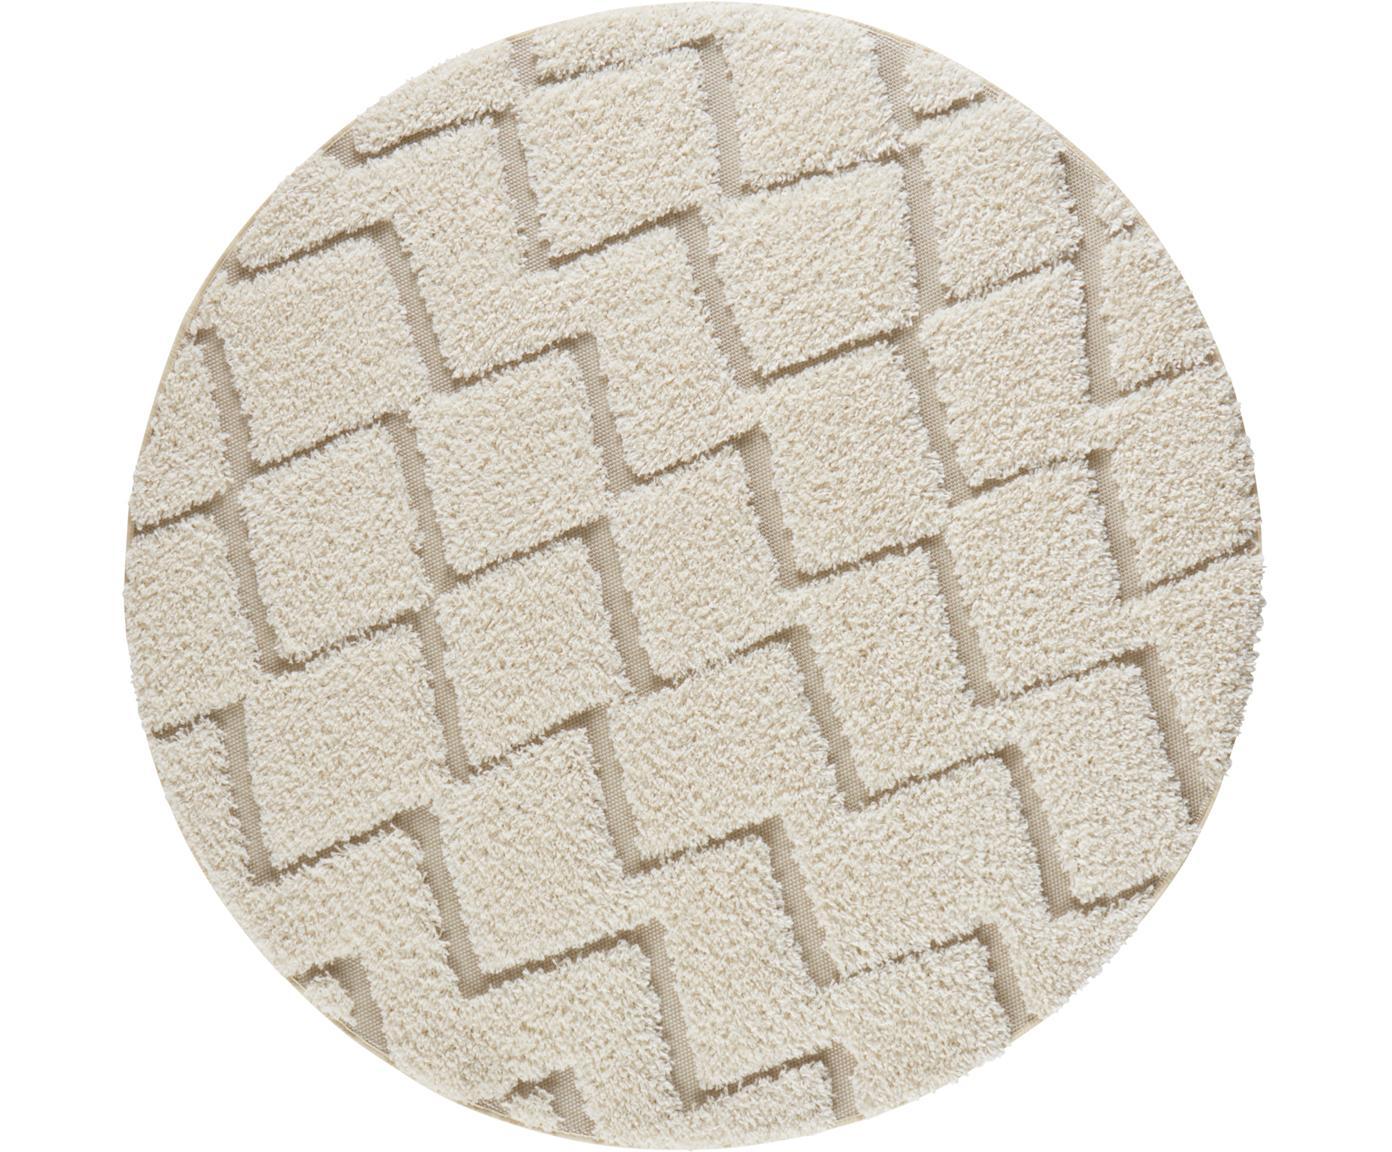 Okrągły dywan wewnętrzny/zewnętrzny Dades, Odcienie kremowego, beżowy, Ø 160 cm (Rozmiar L)